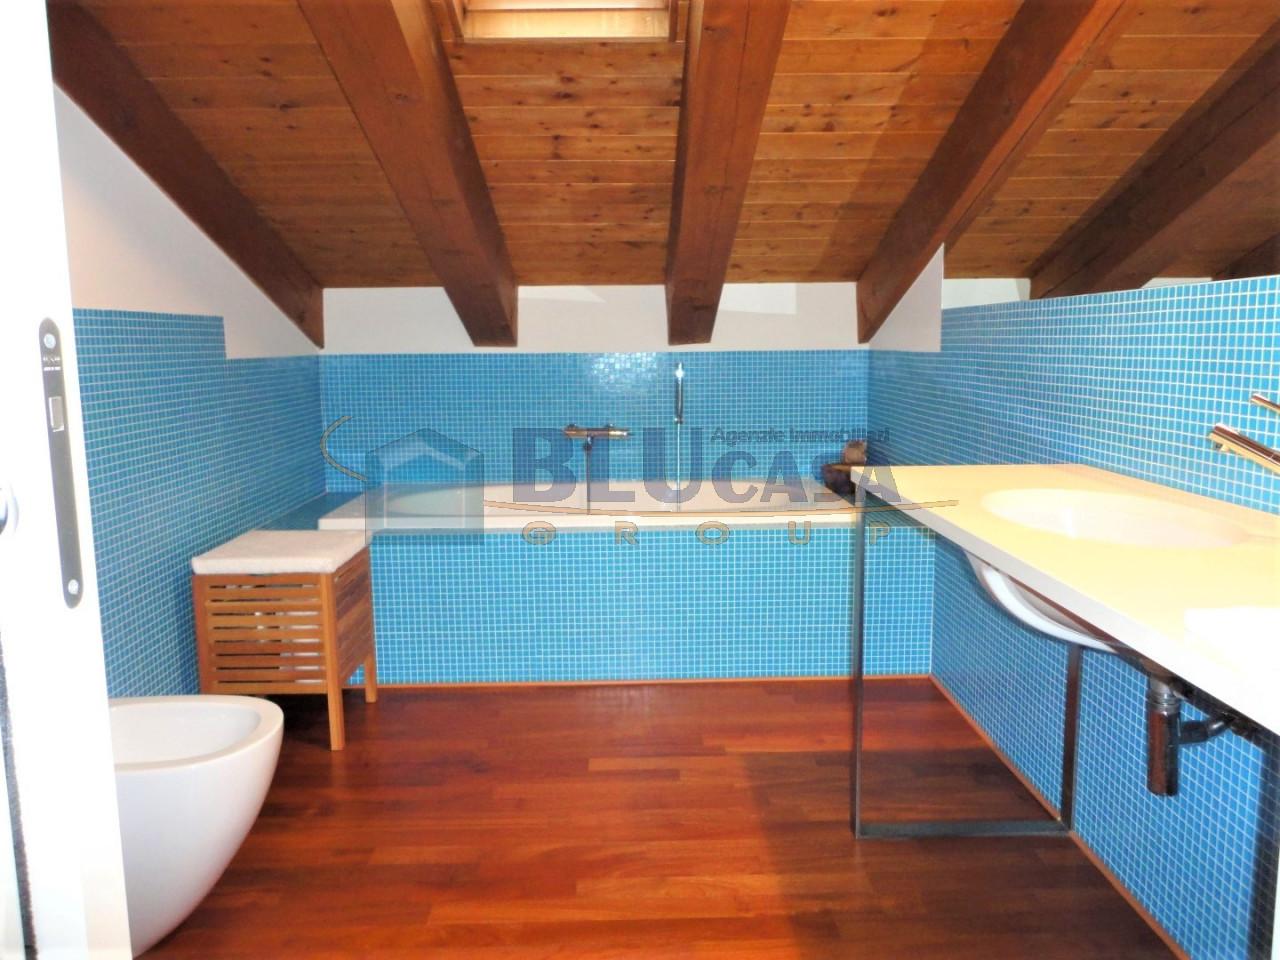 D296 Elegante duplex tricamere con ottime finiture in vendita a Montegrotto Terme https://media.gestionaleimmobiliare.it/foto/annunci/200215/2167876/1280x1280/026__28_bagno_zona_notte__large.jpg